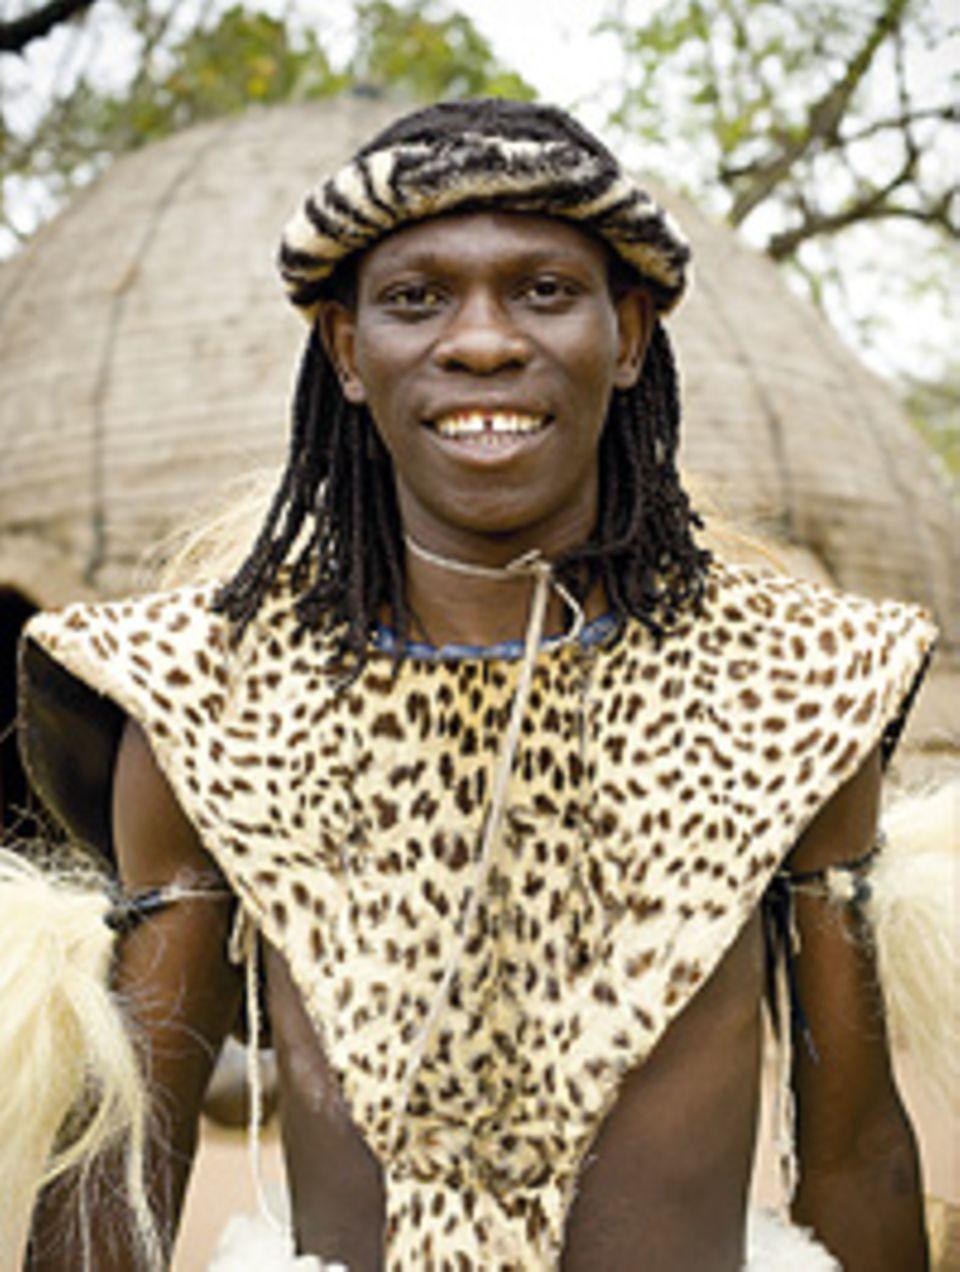 Südafrika: Ein Mann vom Zulu-Stamm zeigt Touristen seine traditionelle Tracht